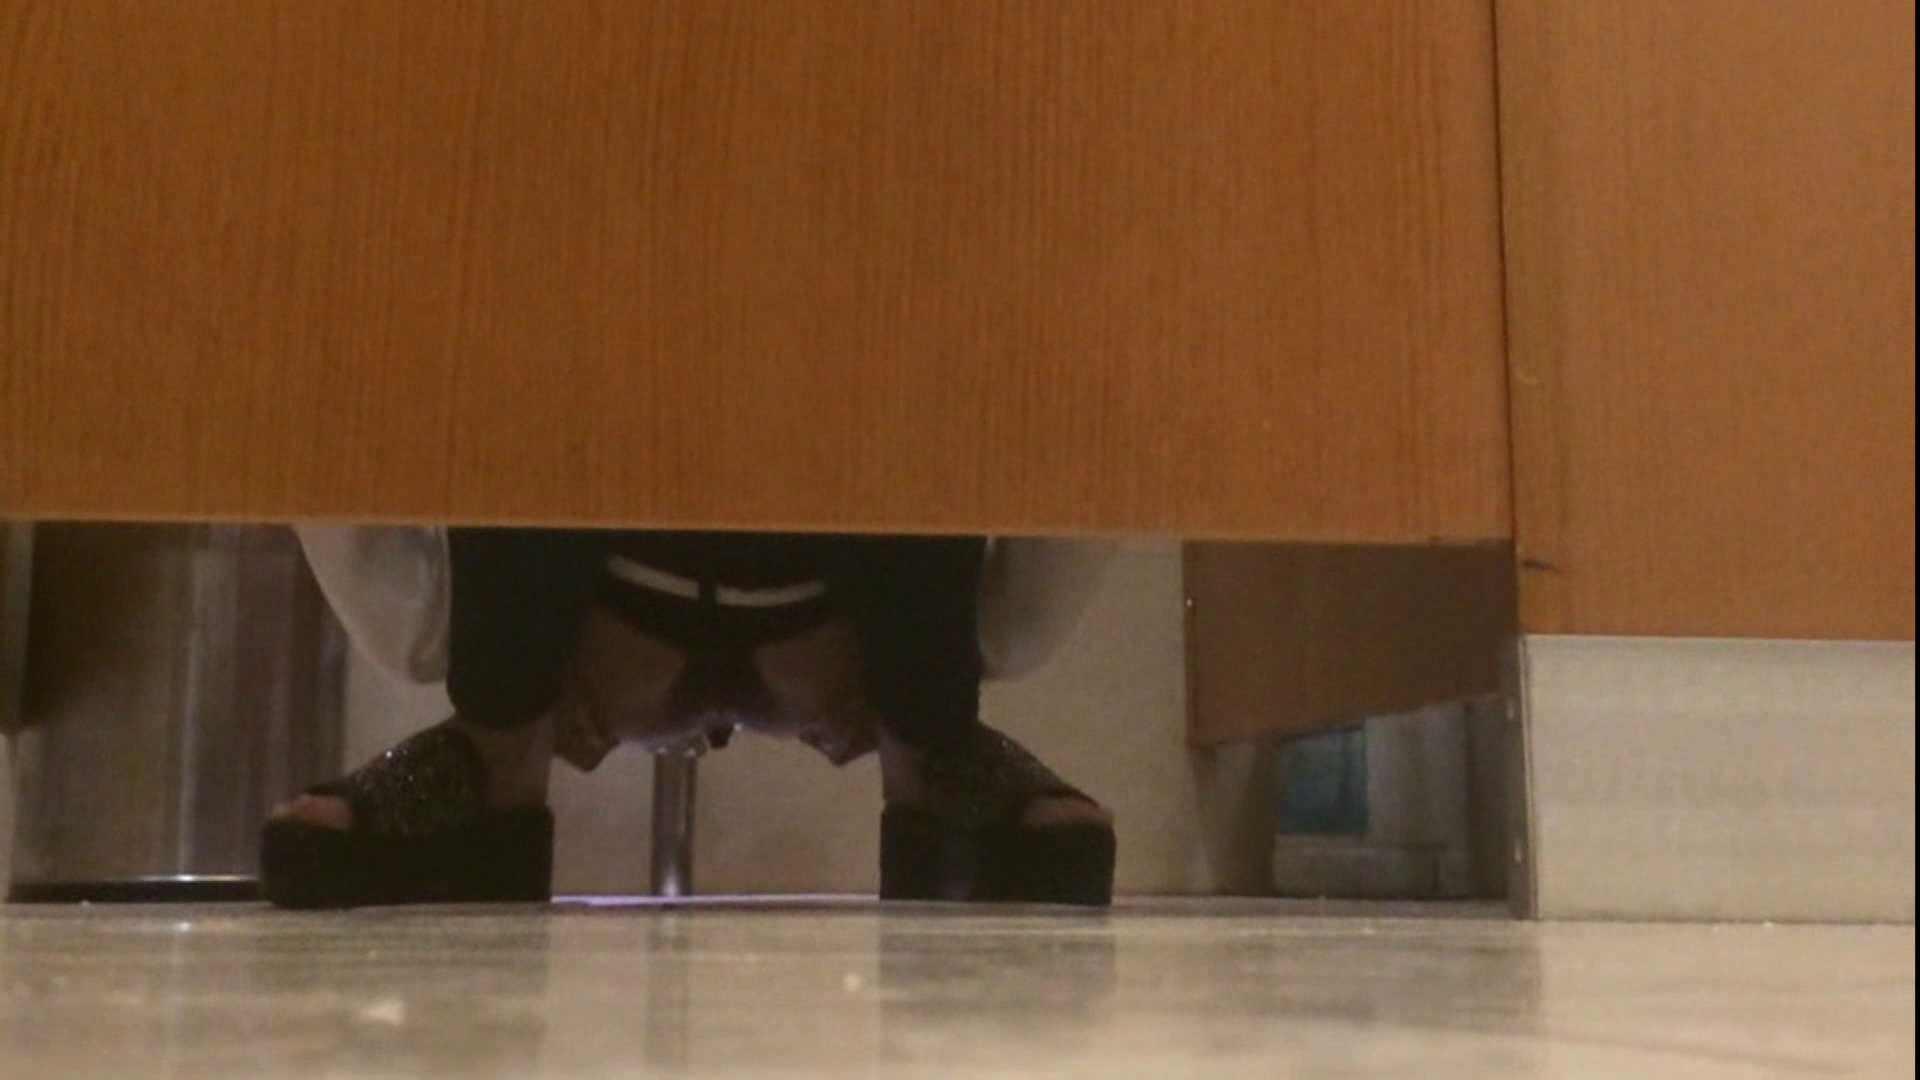 「噂」の国の厠観察日記2 Vol.14 厠 盗み撮りオマンコ動画キャプチャ 61画像 26